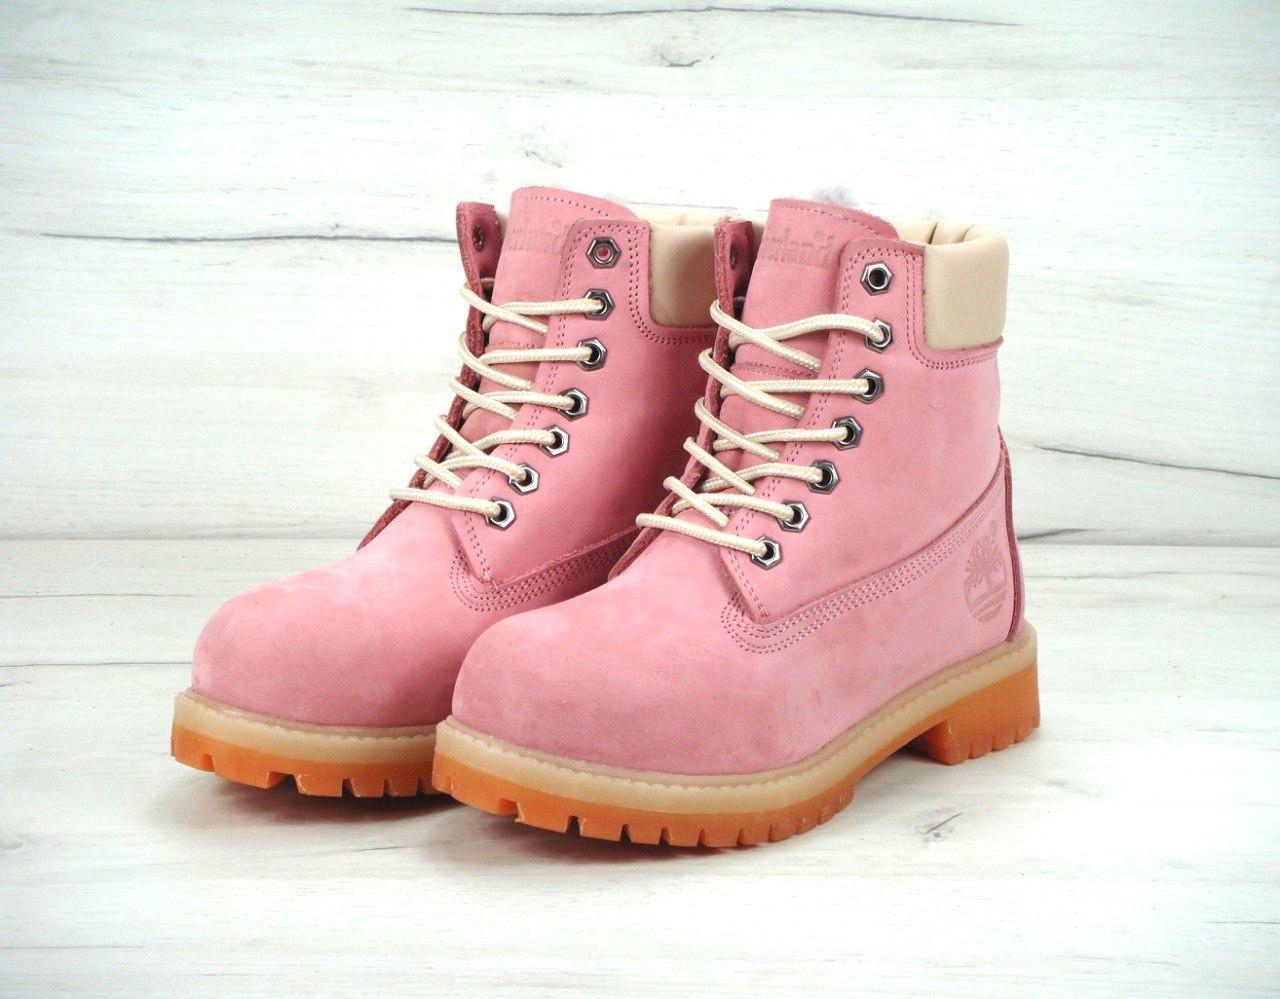 feb330315f65 Зимние ботинки на меху Timberland 6 inch